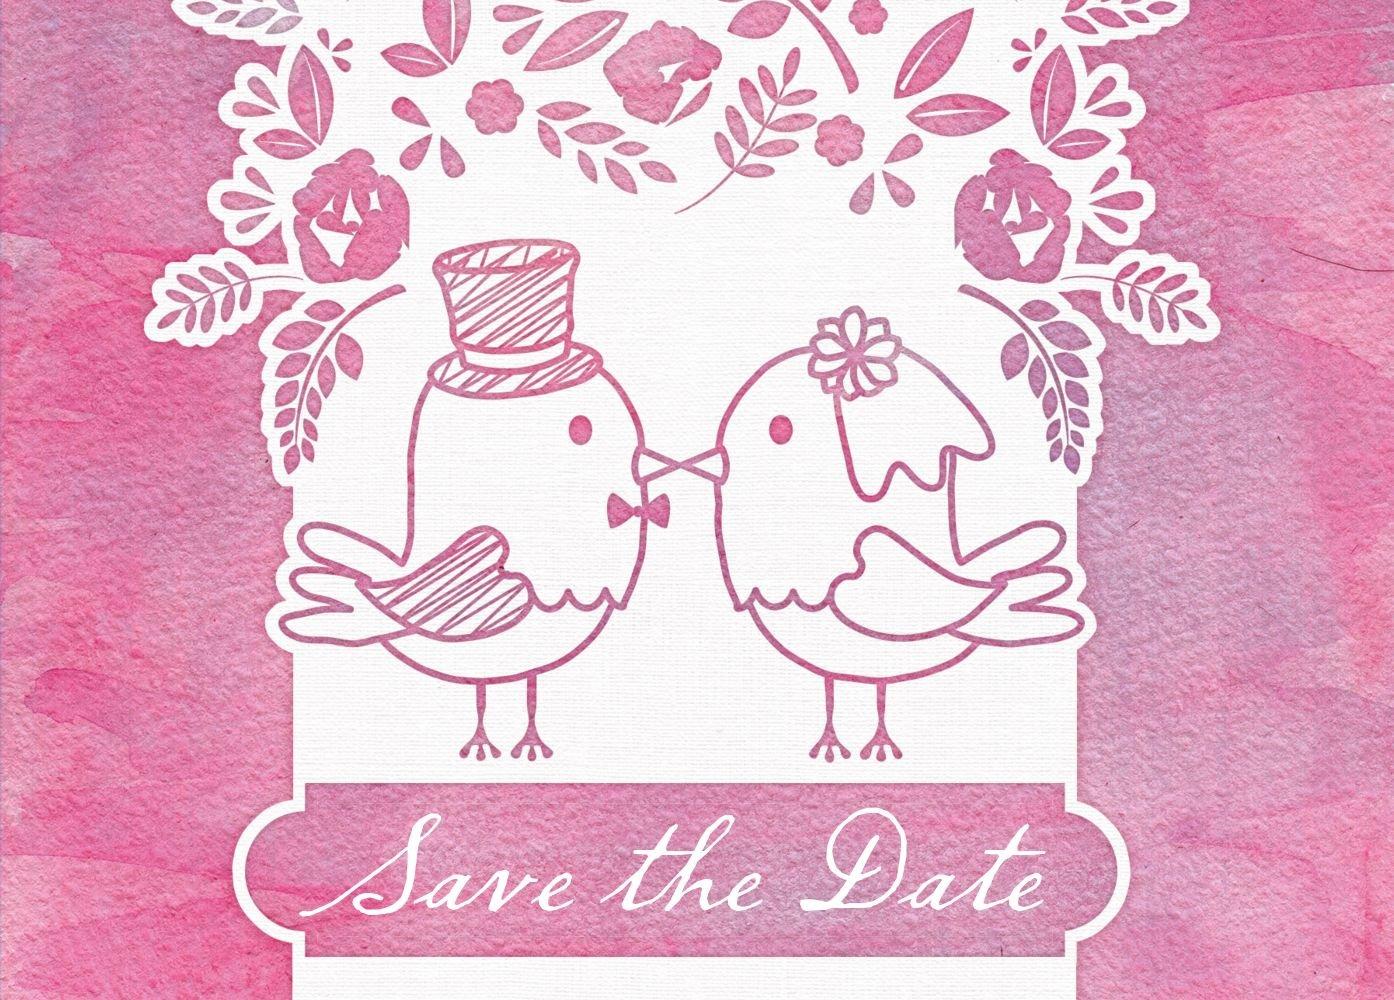 Save-the-Date Save-the-Date Save-the-Date Vogelpaar, 30 Karten, HellRosa B07B6NCR2C Postkarten Adoptieren 6c5e9d